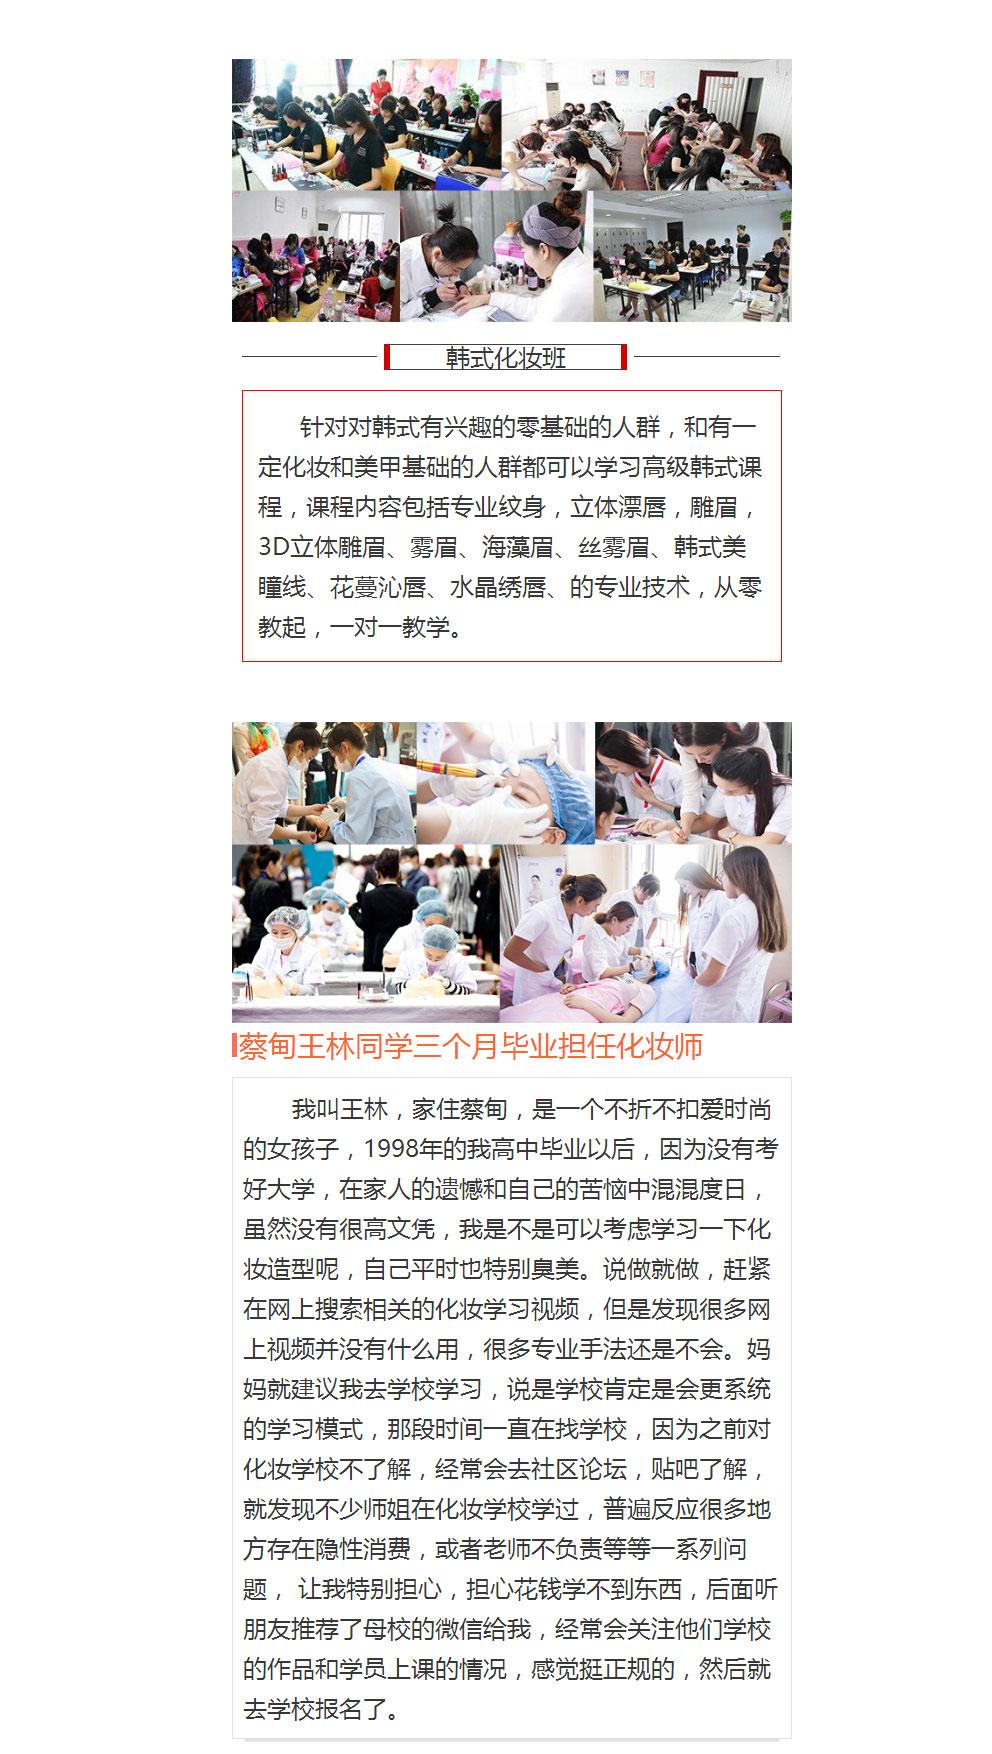 【美容美甲行业】移动端网站仿微信公众号与天涯论坛-网站建设案例 第6张